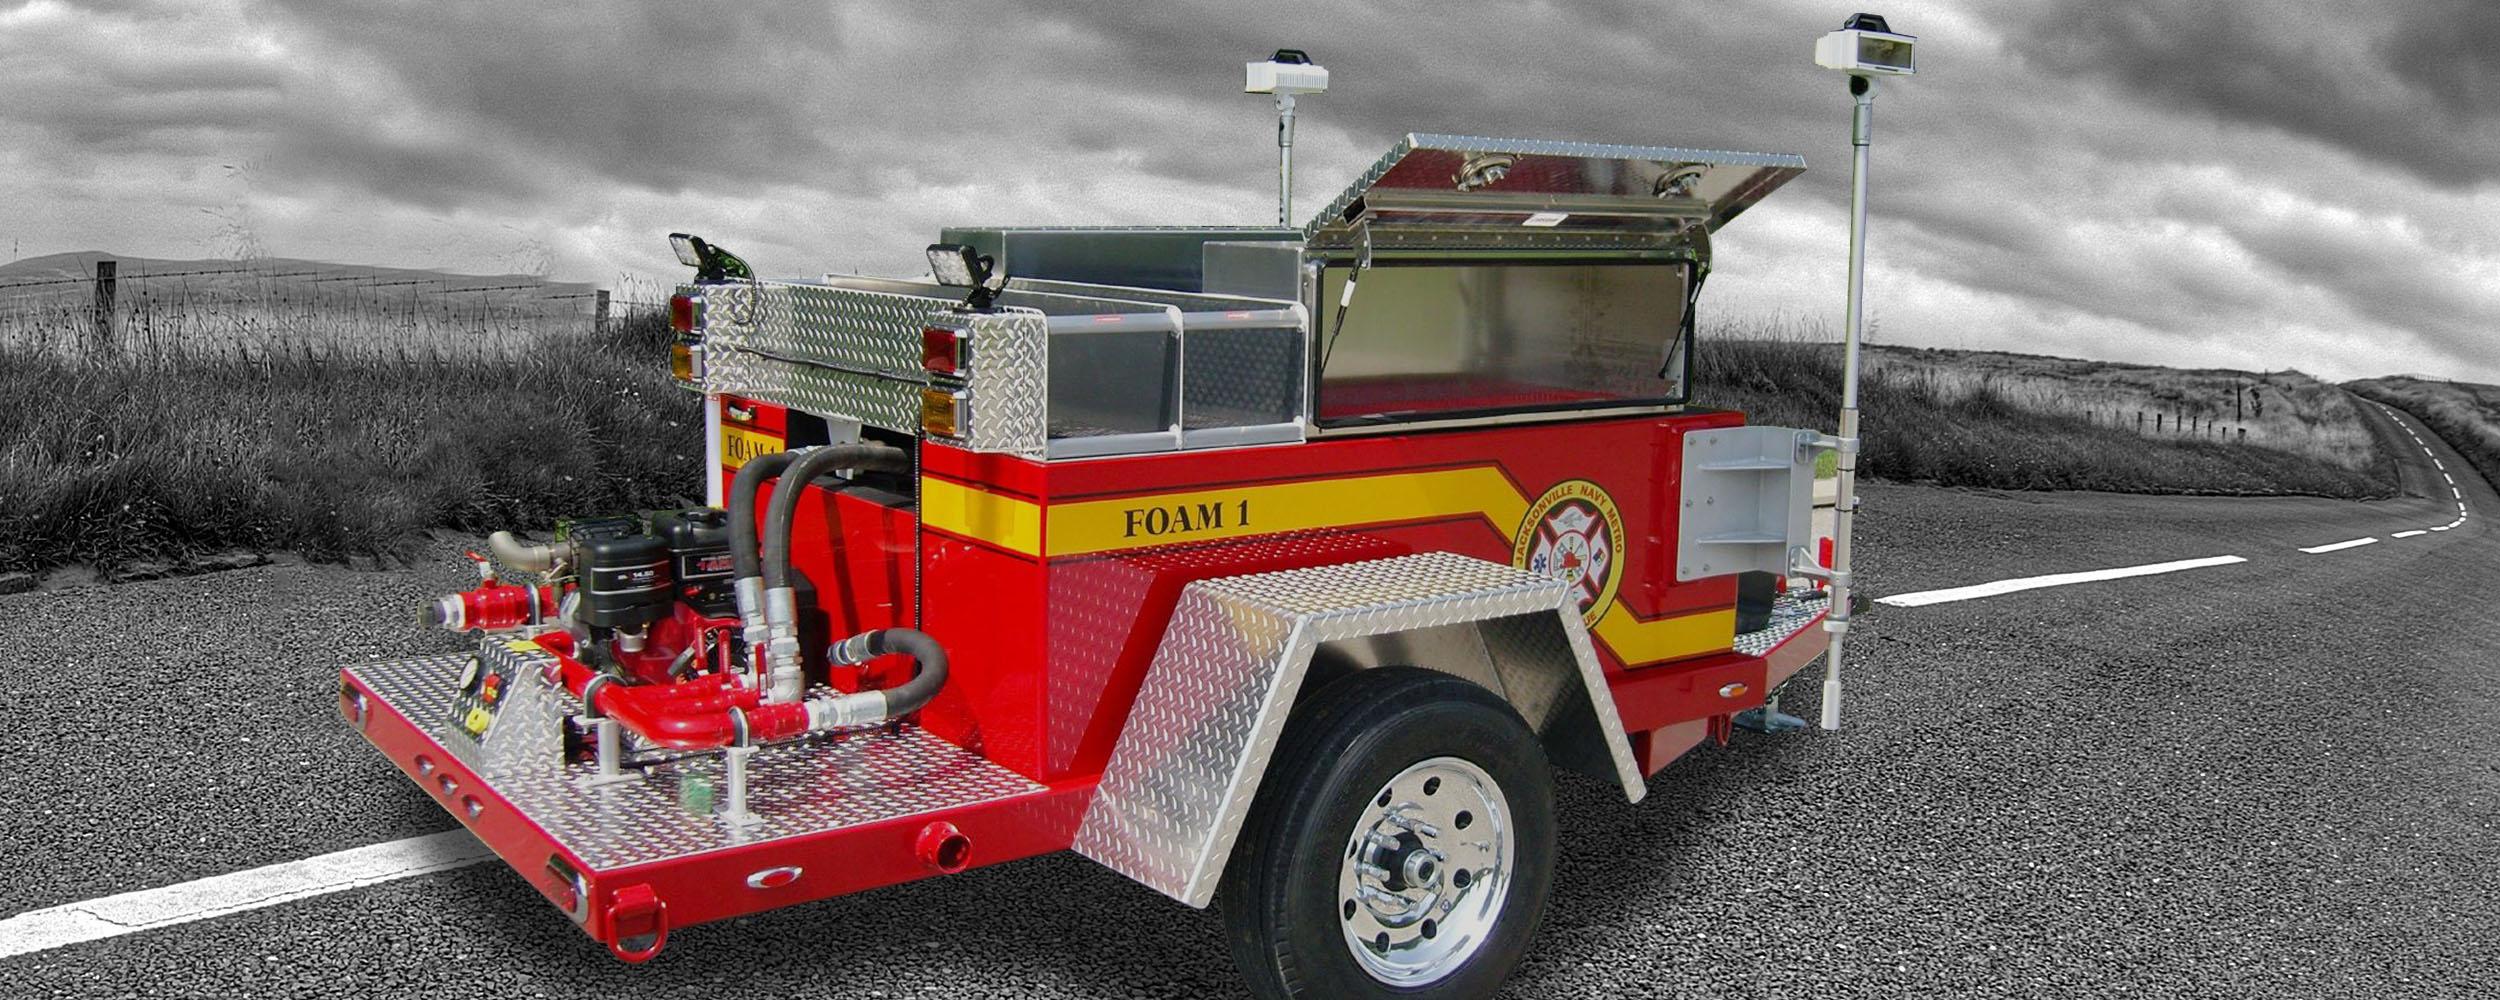 FoamTrailer-2500x1000